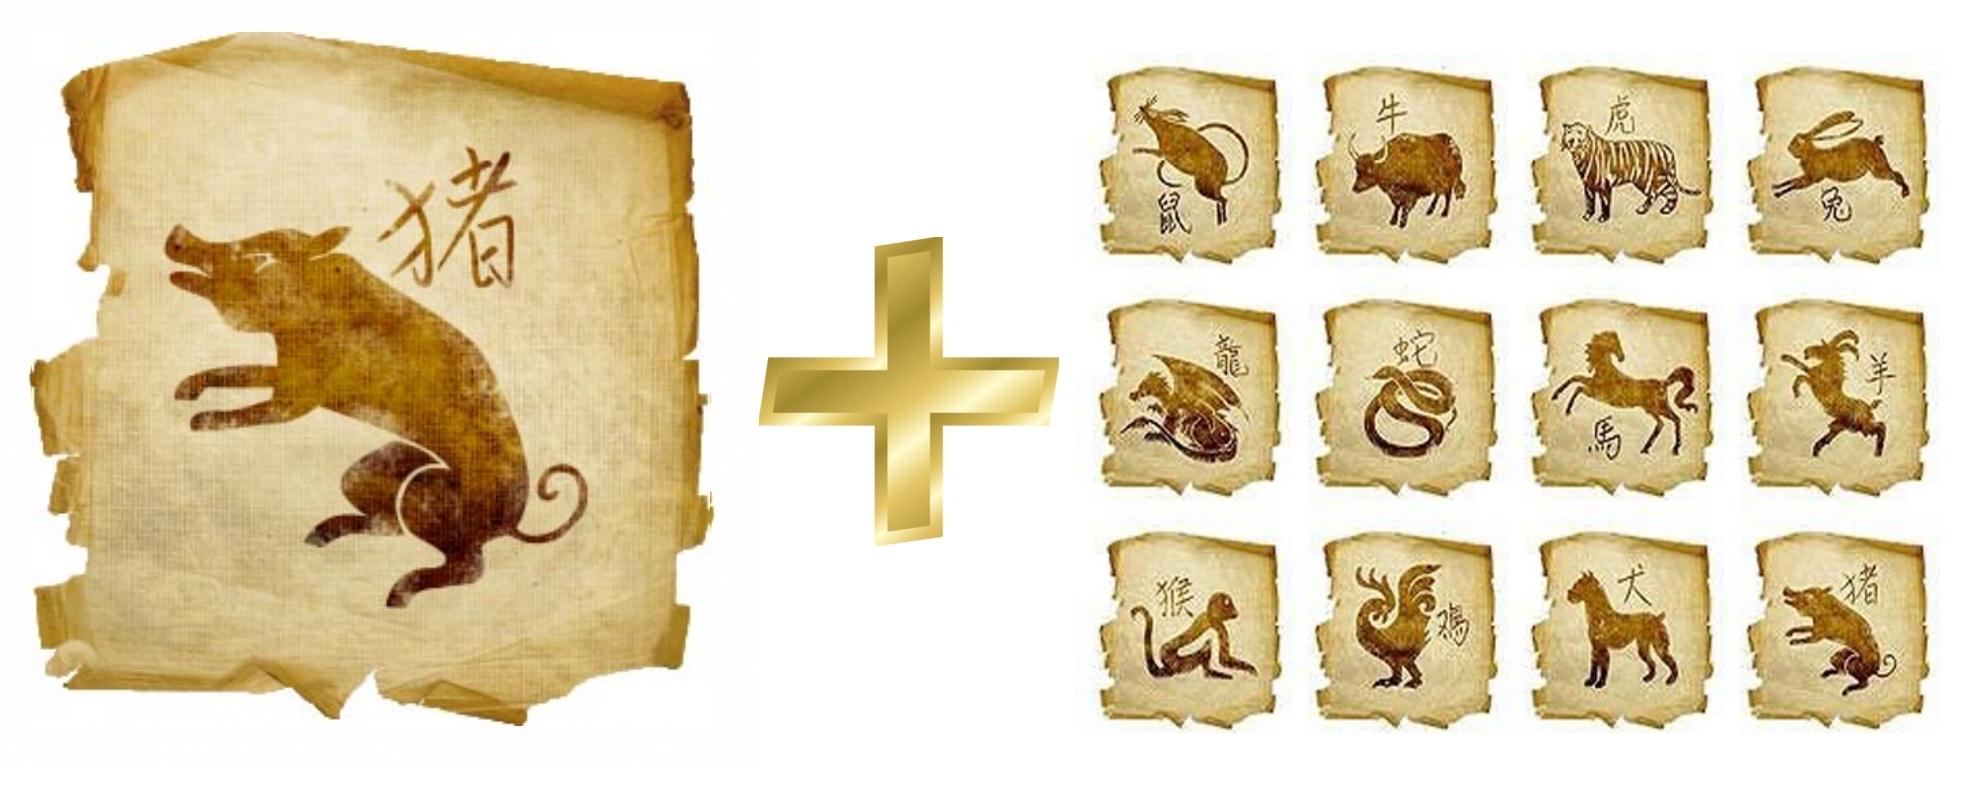 Свинья (Кабан): гороскоп совместимости мужчины и женщины в любви с другими знаками. Свинья и Тигр, Крыса, Свинья, Собака, Лошадь, Петух, Обезьяна, Коза (Овца), Змея, Дракон, Кролик, Бык